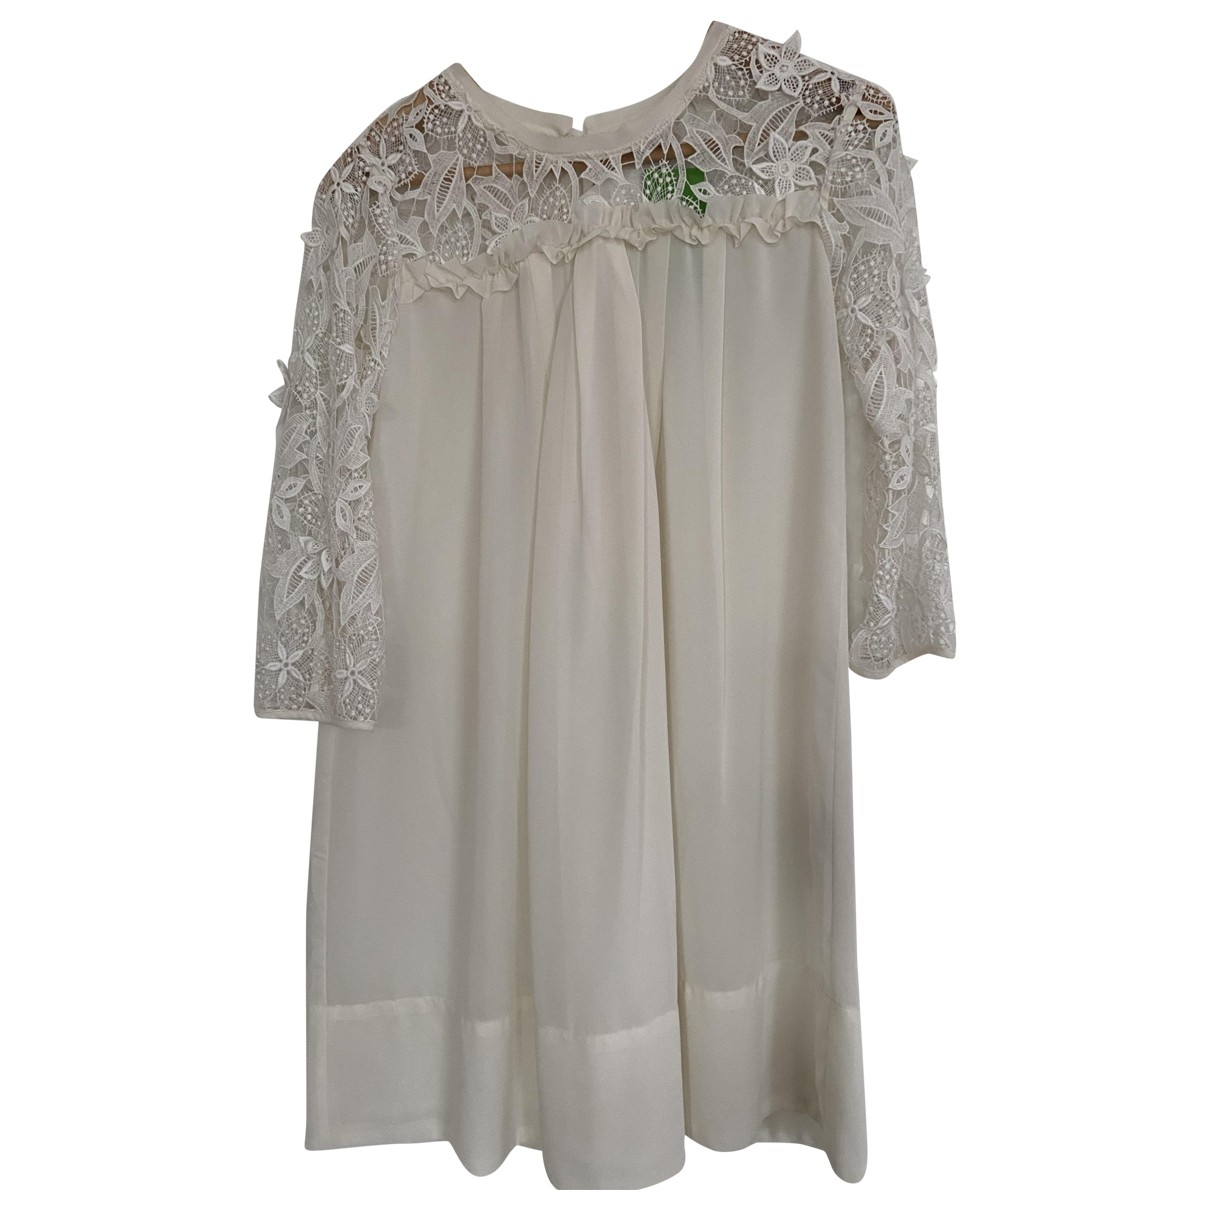 H&m Conscious Exclusive - Robe   pour femme en dentelle - blanc